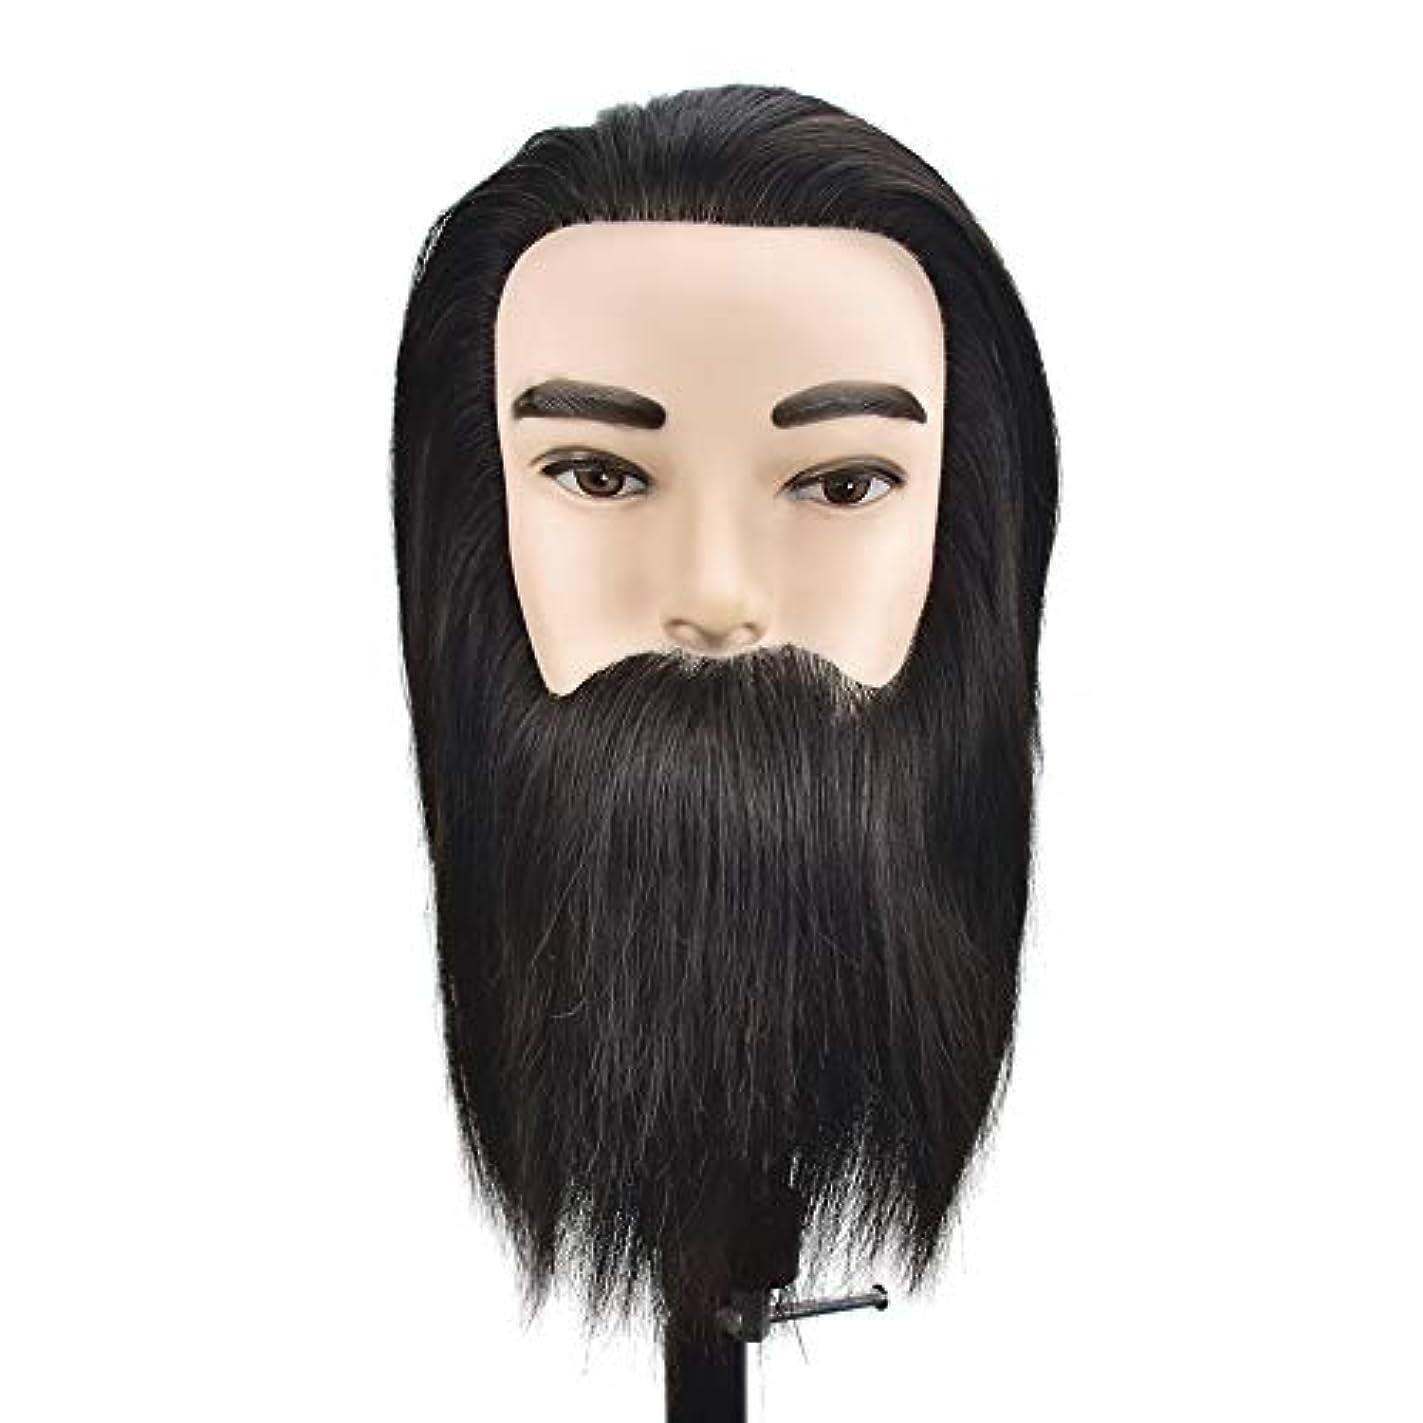 記事ギャロップ影リアル人間の髪トレーニングヘッドパーマ髪モデル髪染め理髪ダミーヘッドトリミングひげ学習ヘッドモデル